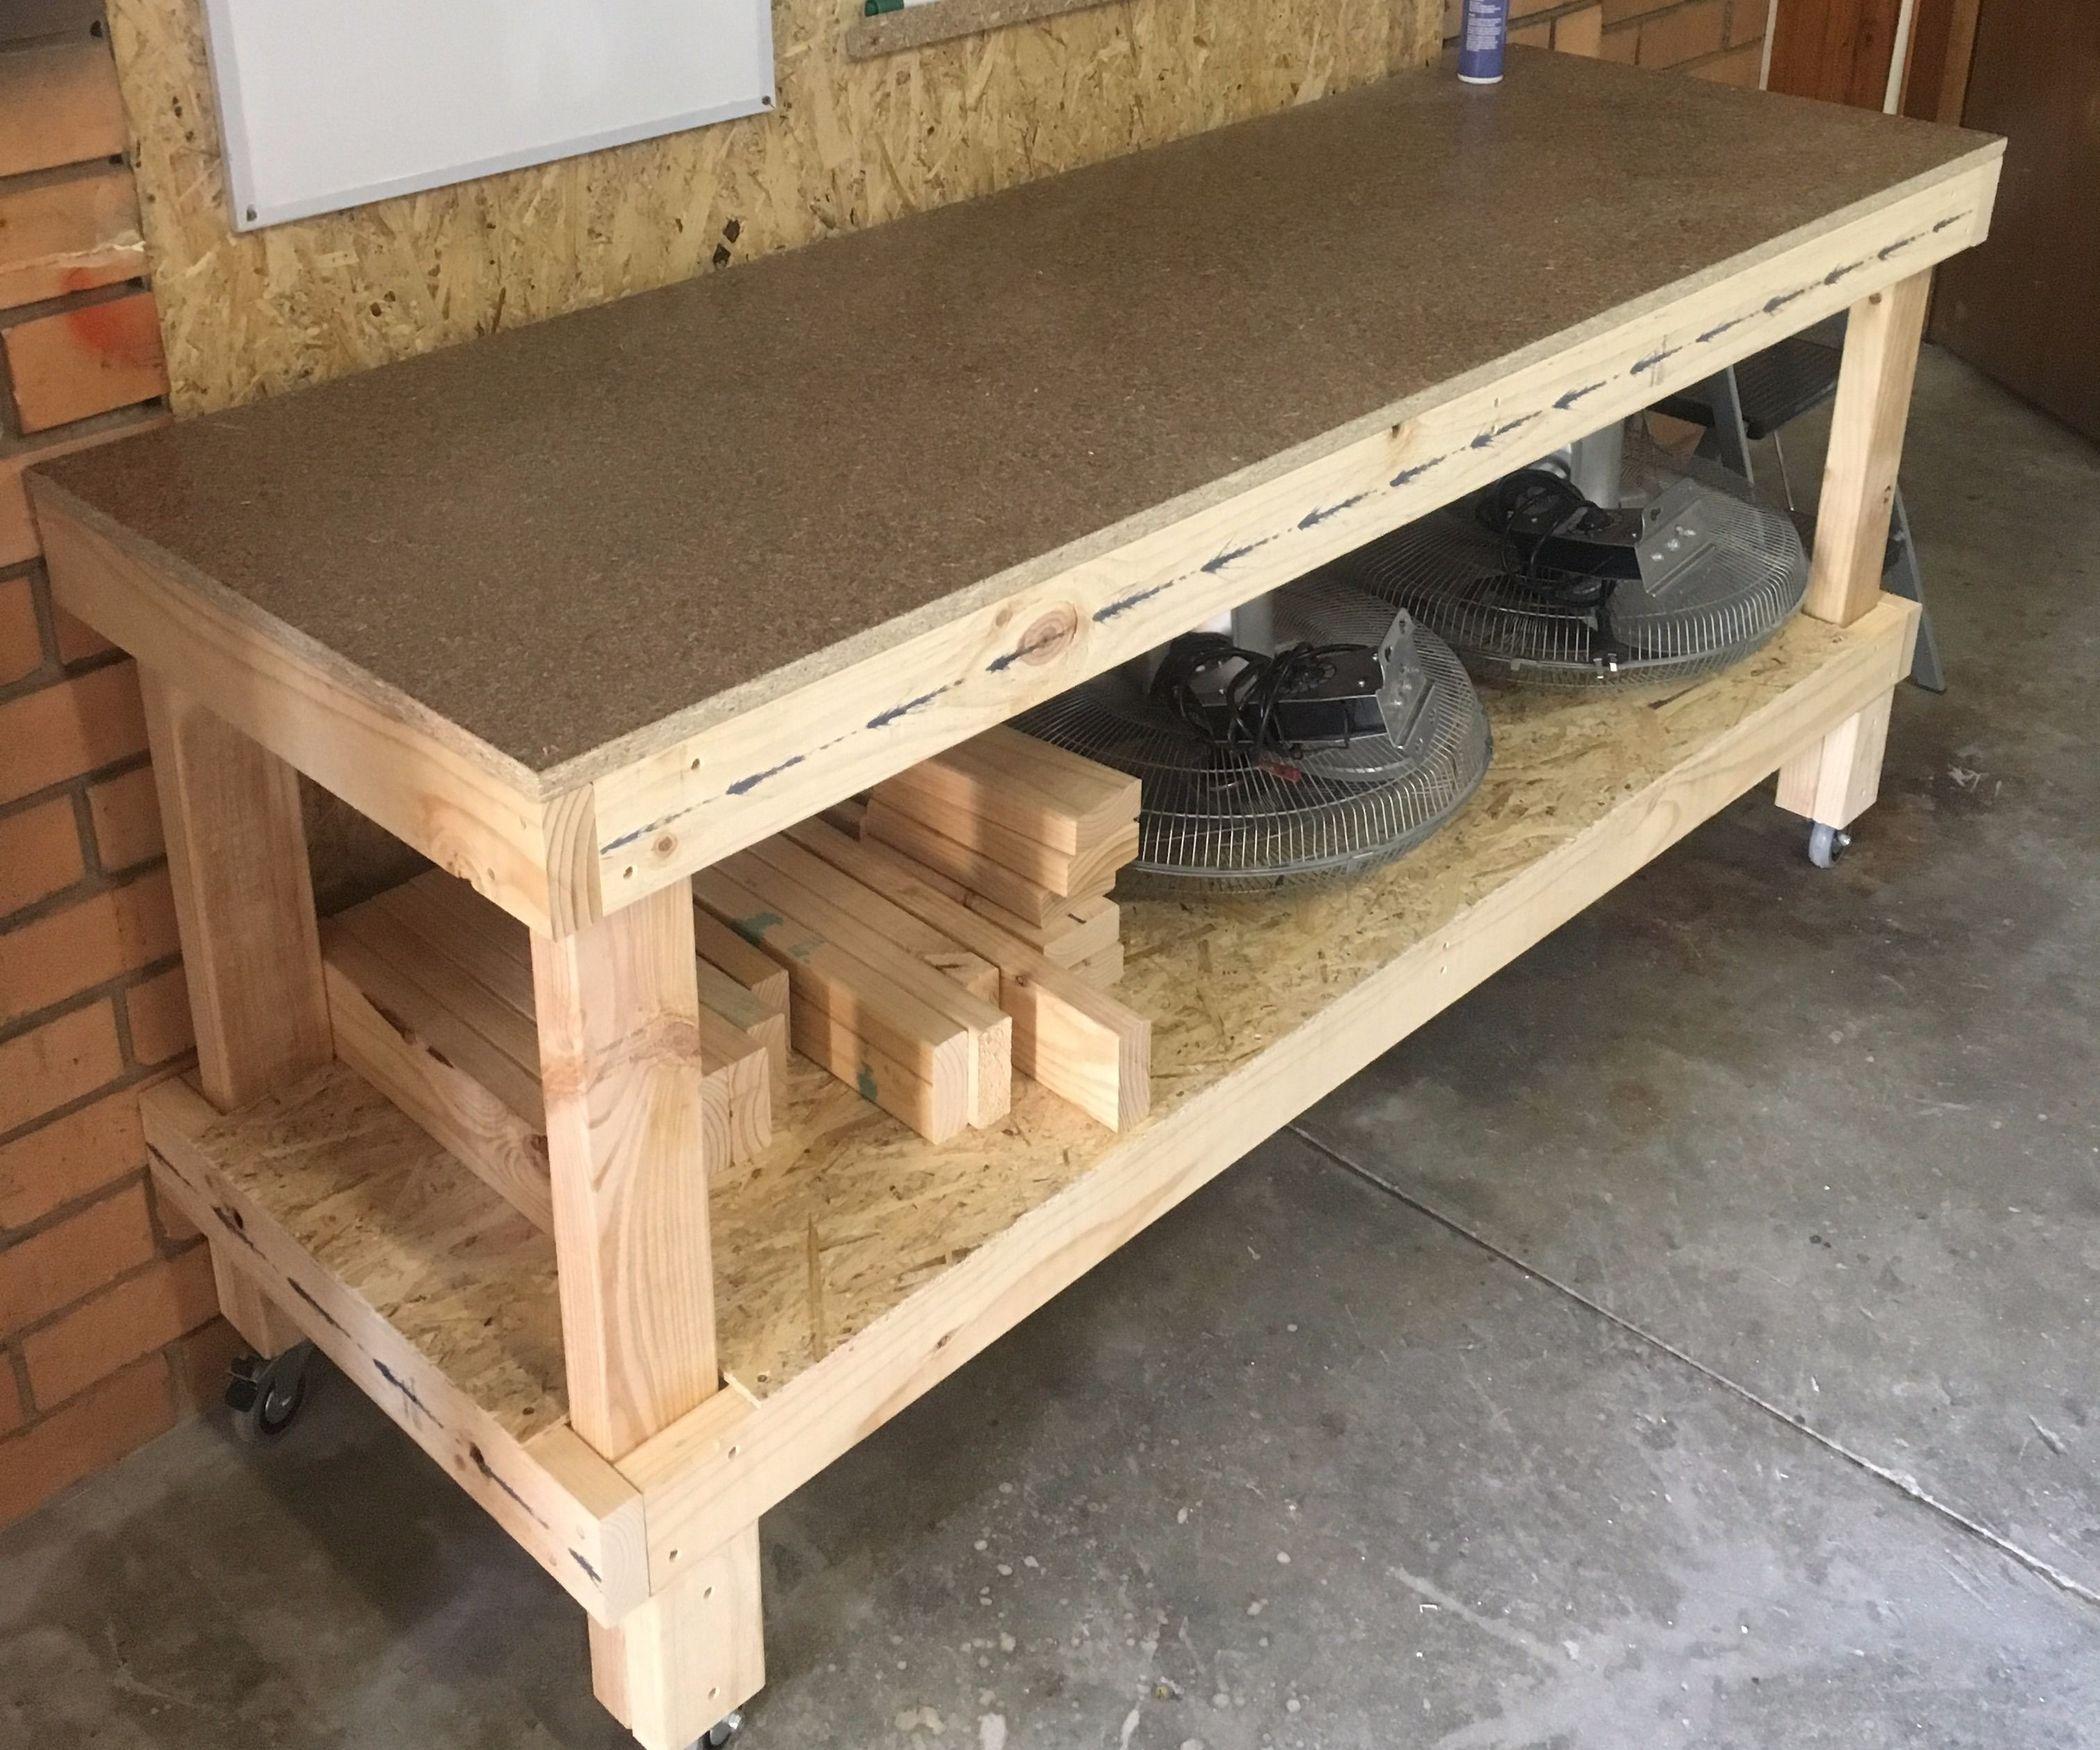 Simple Workbench Workbench, Workbench on wheels